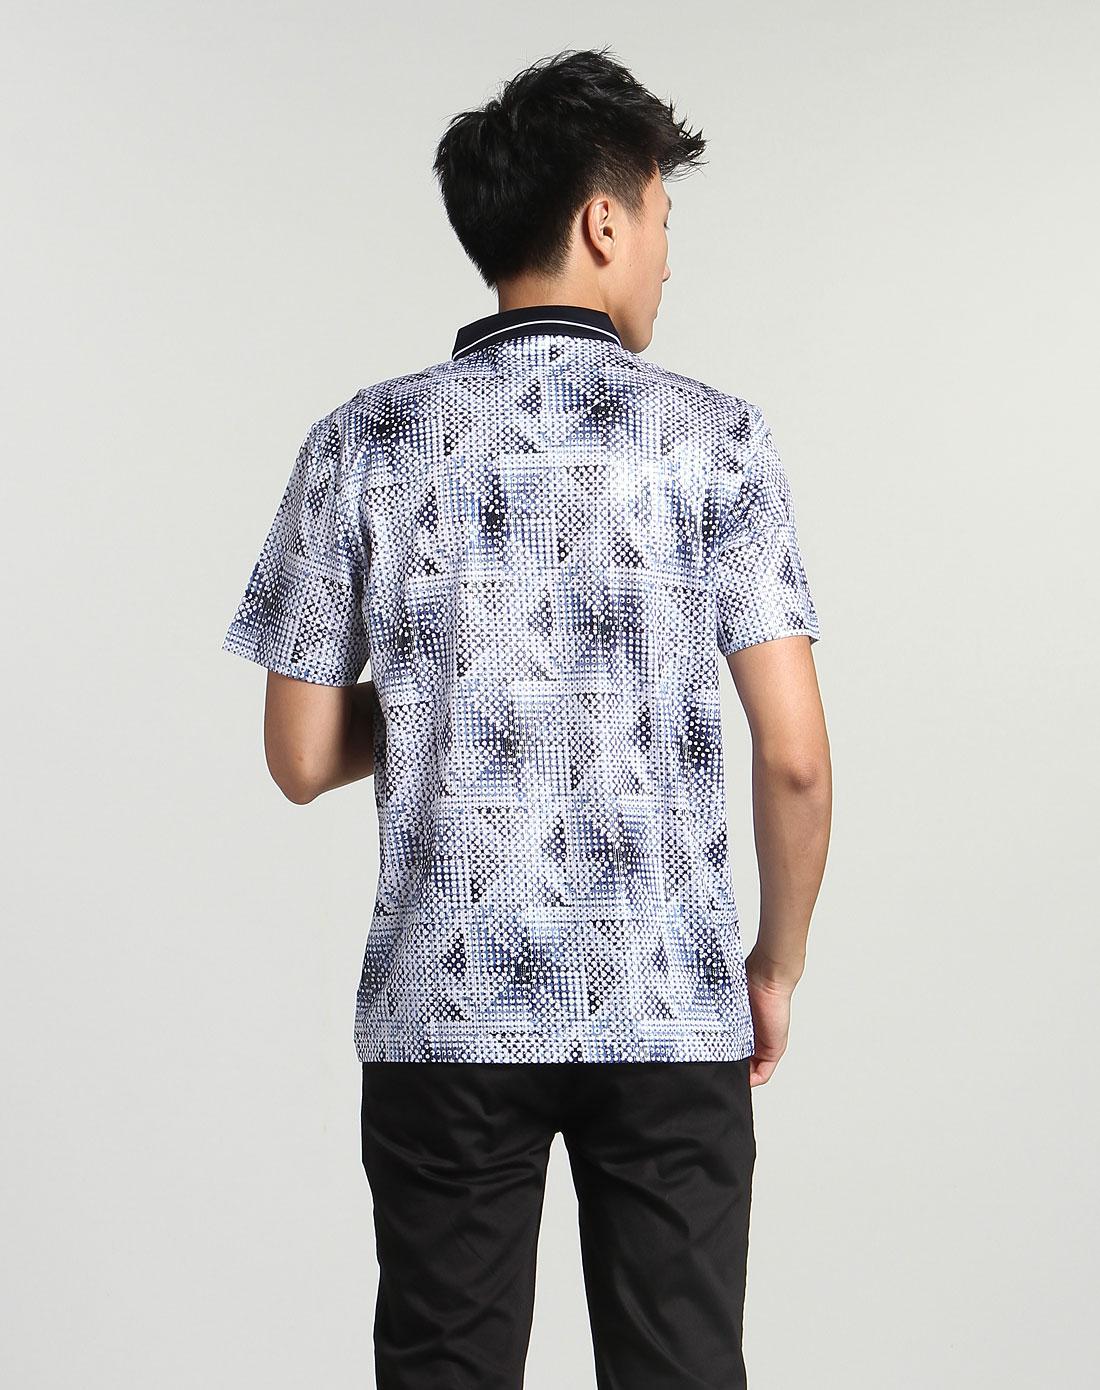 海螺男款圆圈印花图案黑白蓝色短袖t恤513201-71915